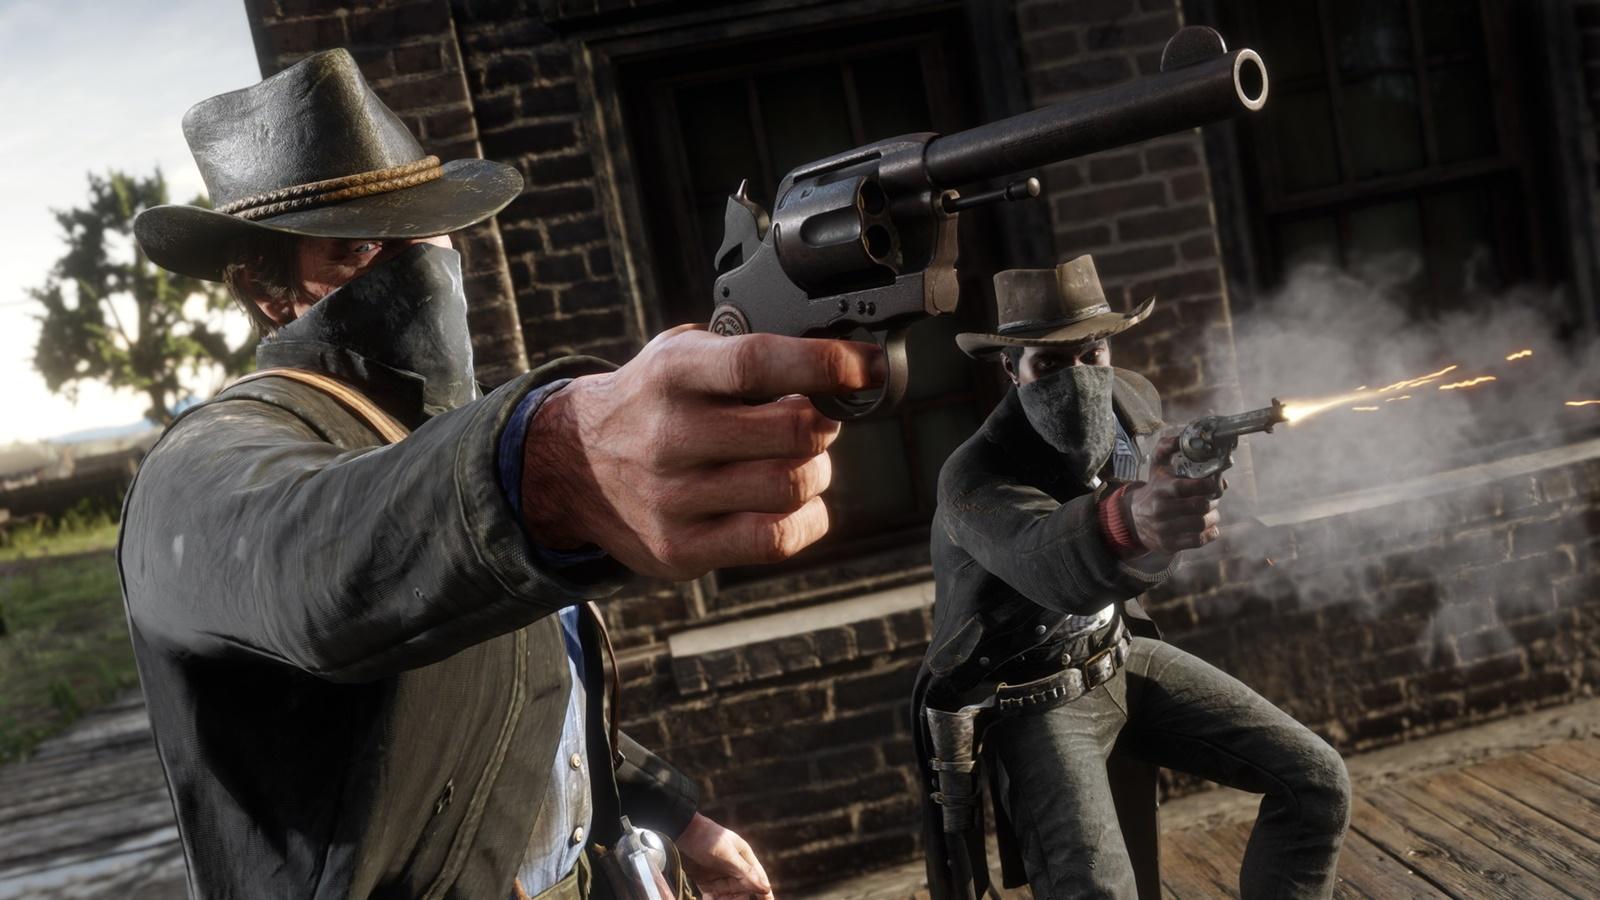 (한글)레D2 레데리 Red Dead 액션 월드 그래픽 모션 풍경 파트1